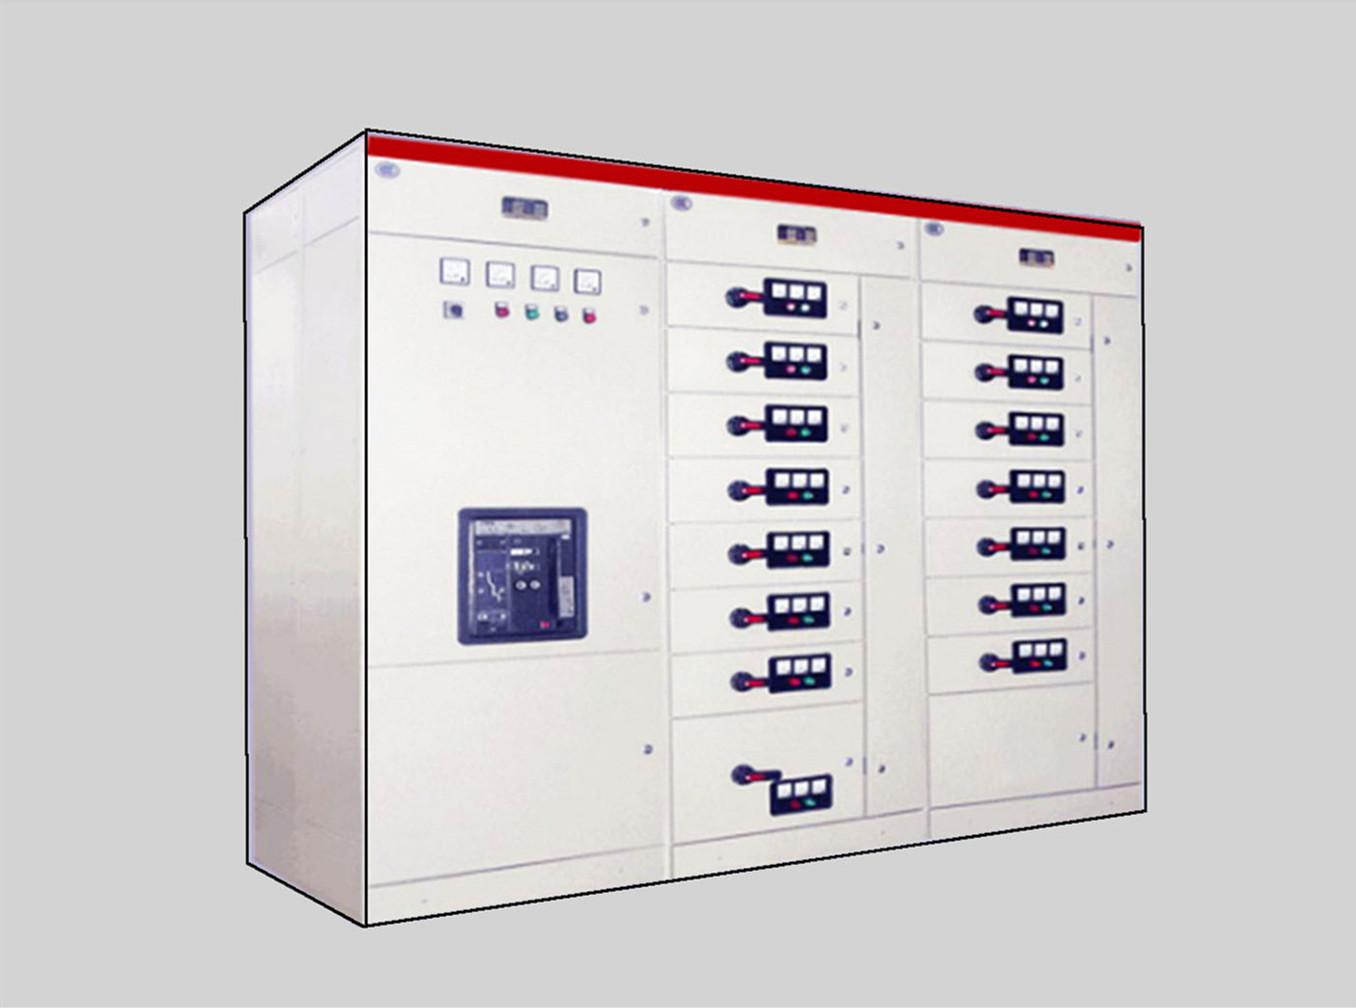 高低壓開關柜專用自動滅火裝置見過的說明眼界寬